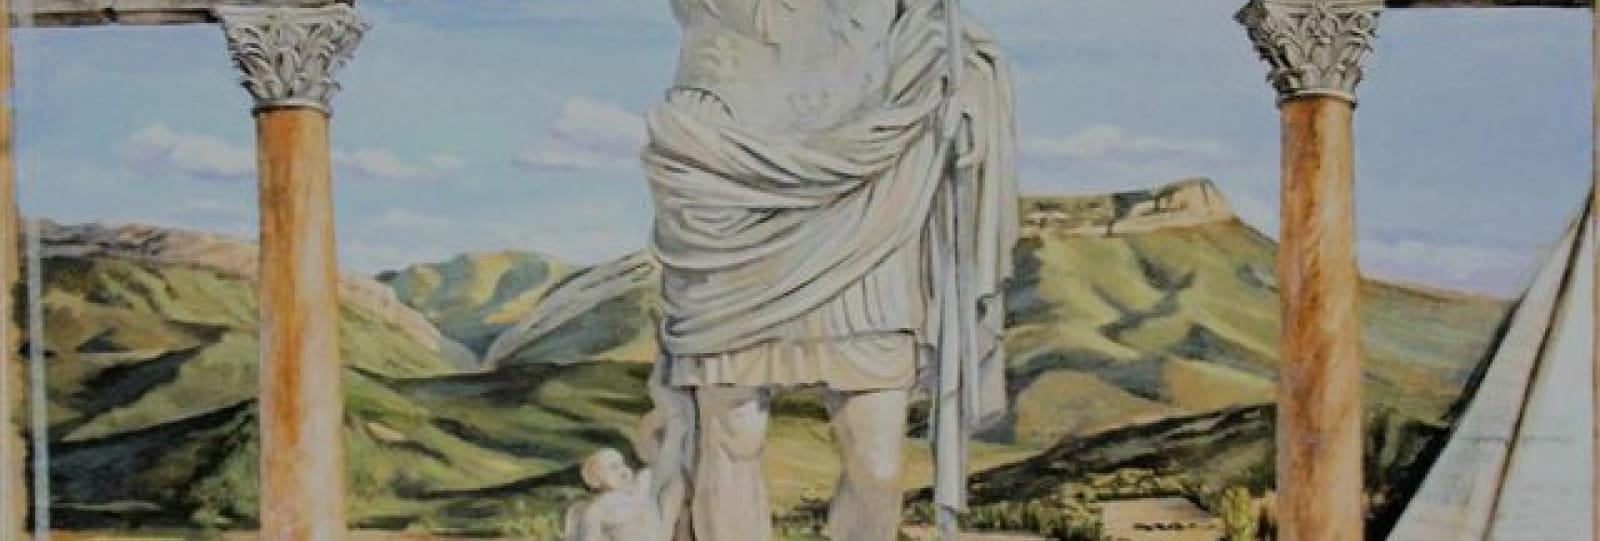 Fresque d'Auguste